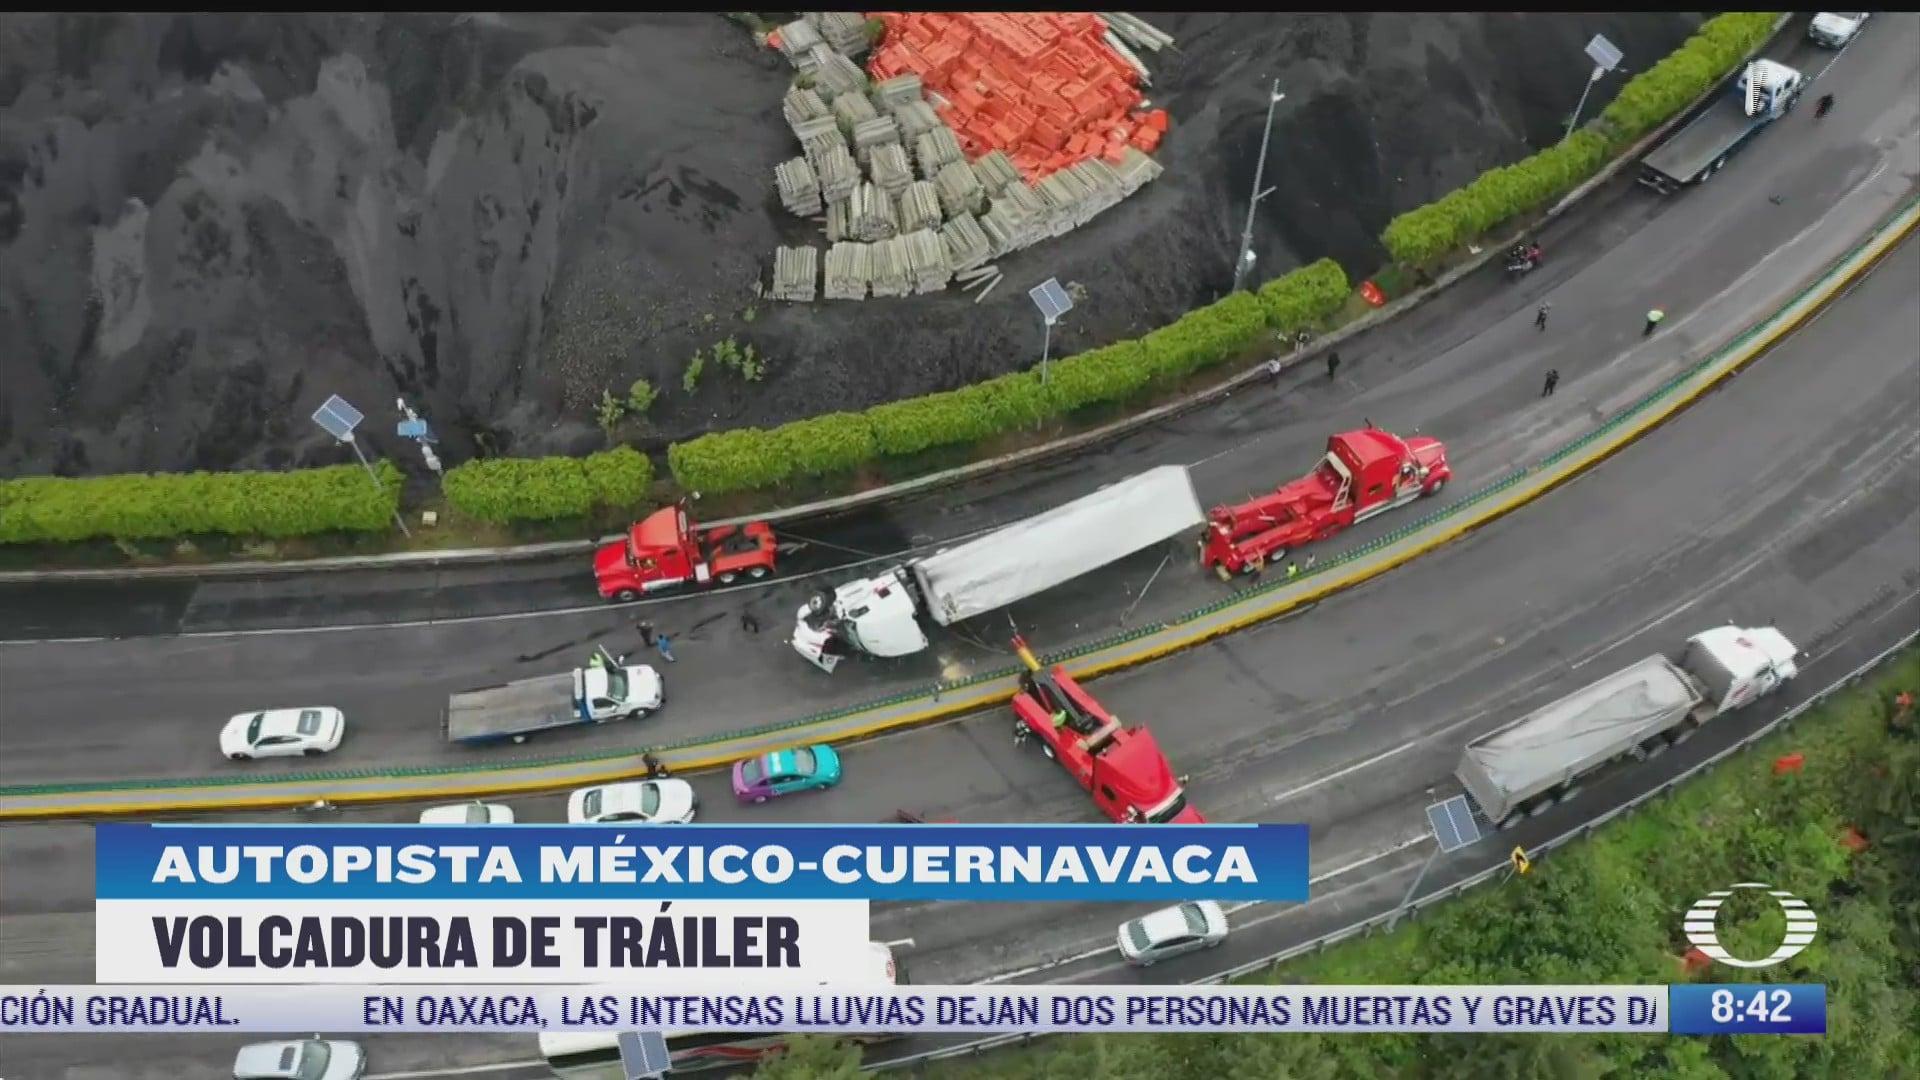 vuelca trailer que transportaba galletas en la autopista mexico cuernavaca